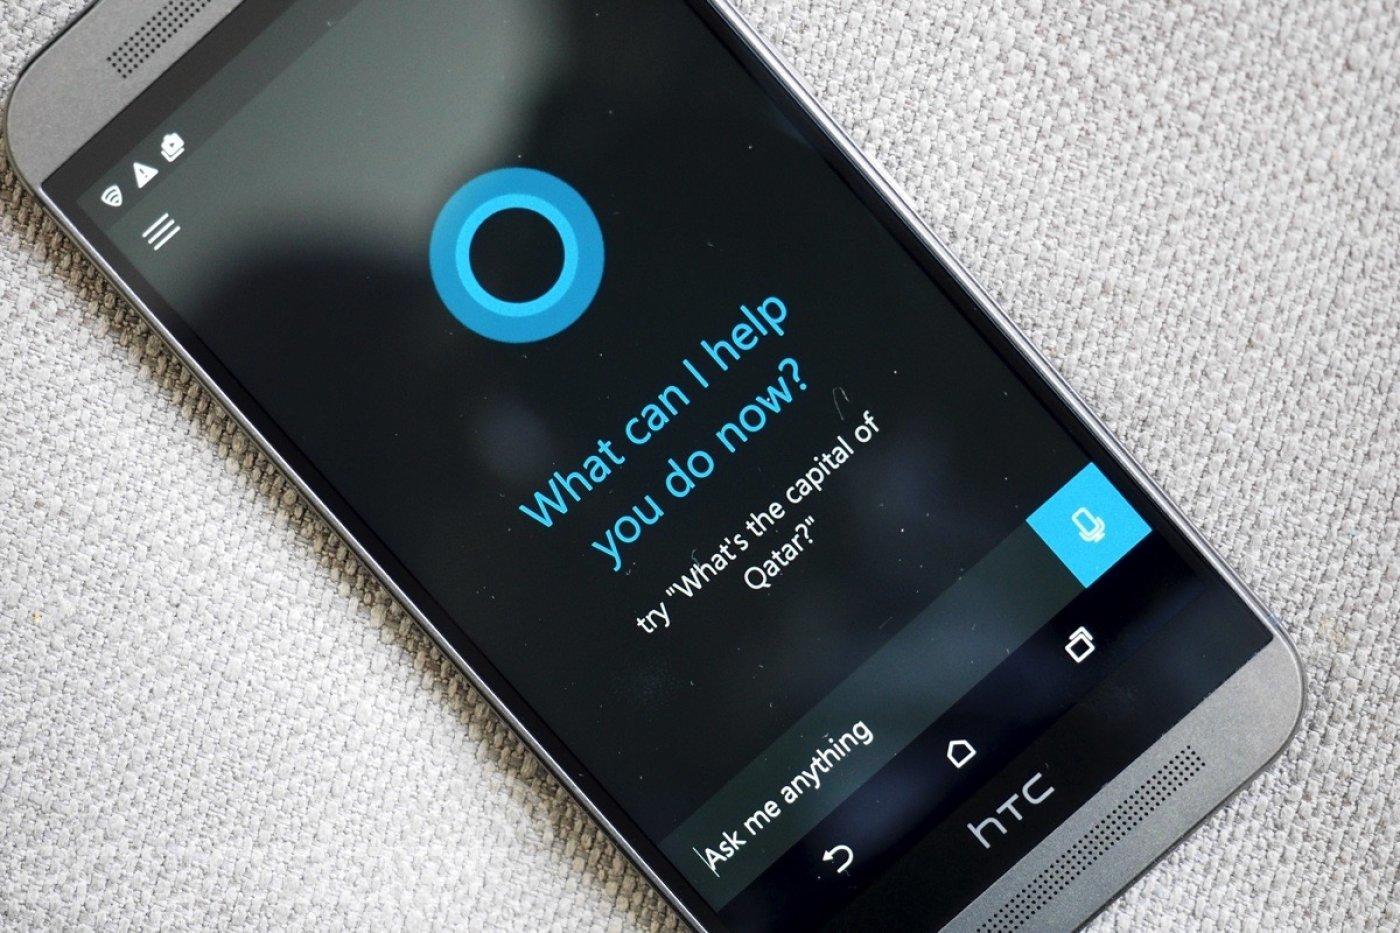 Come attivare Cortana in Windows 10 in modo rapido e semplice 2